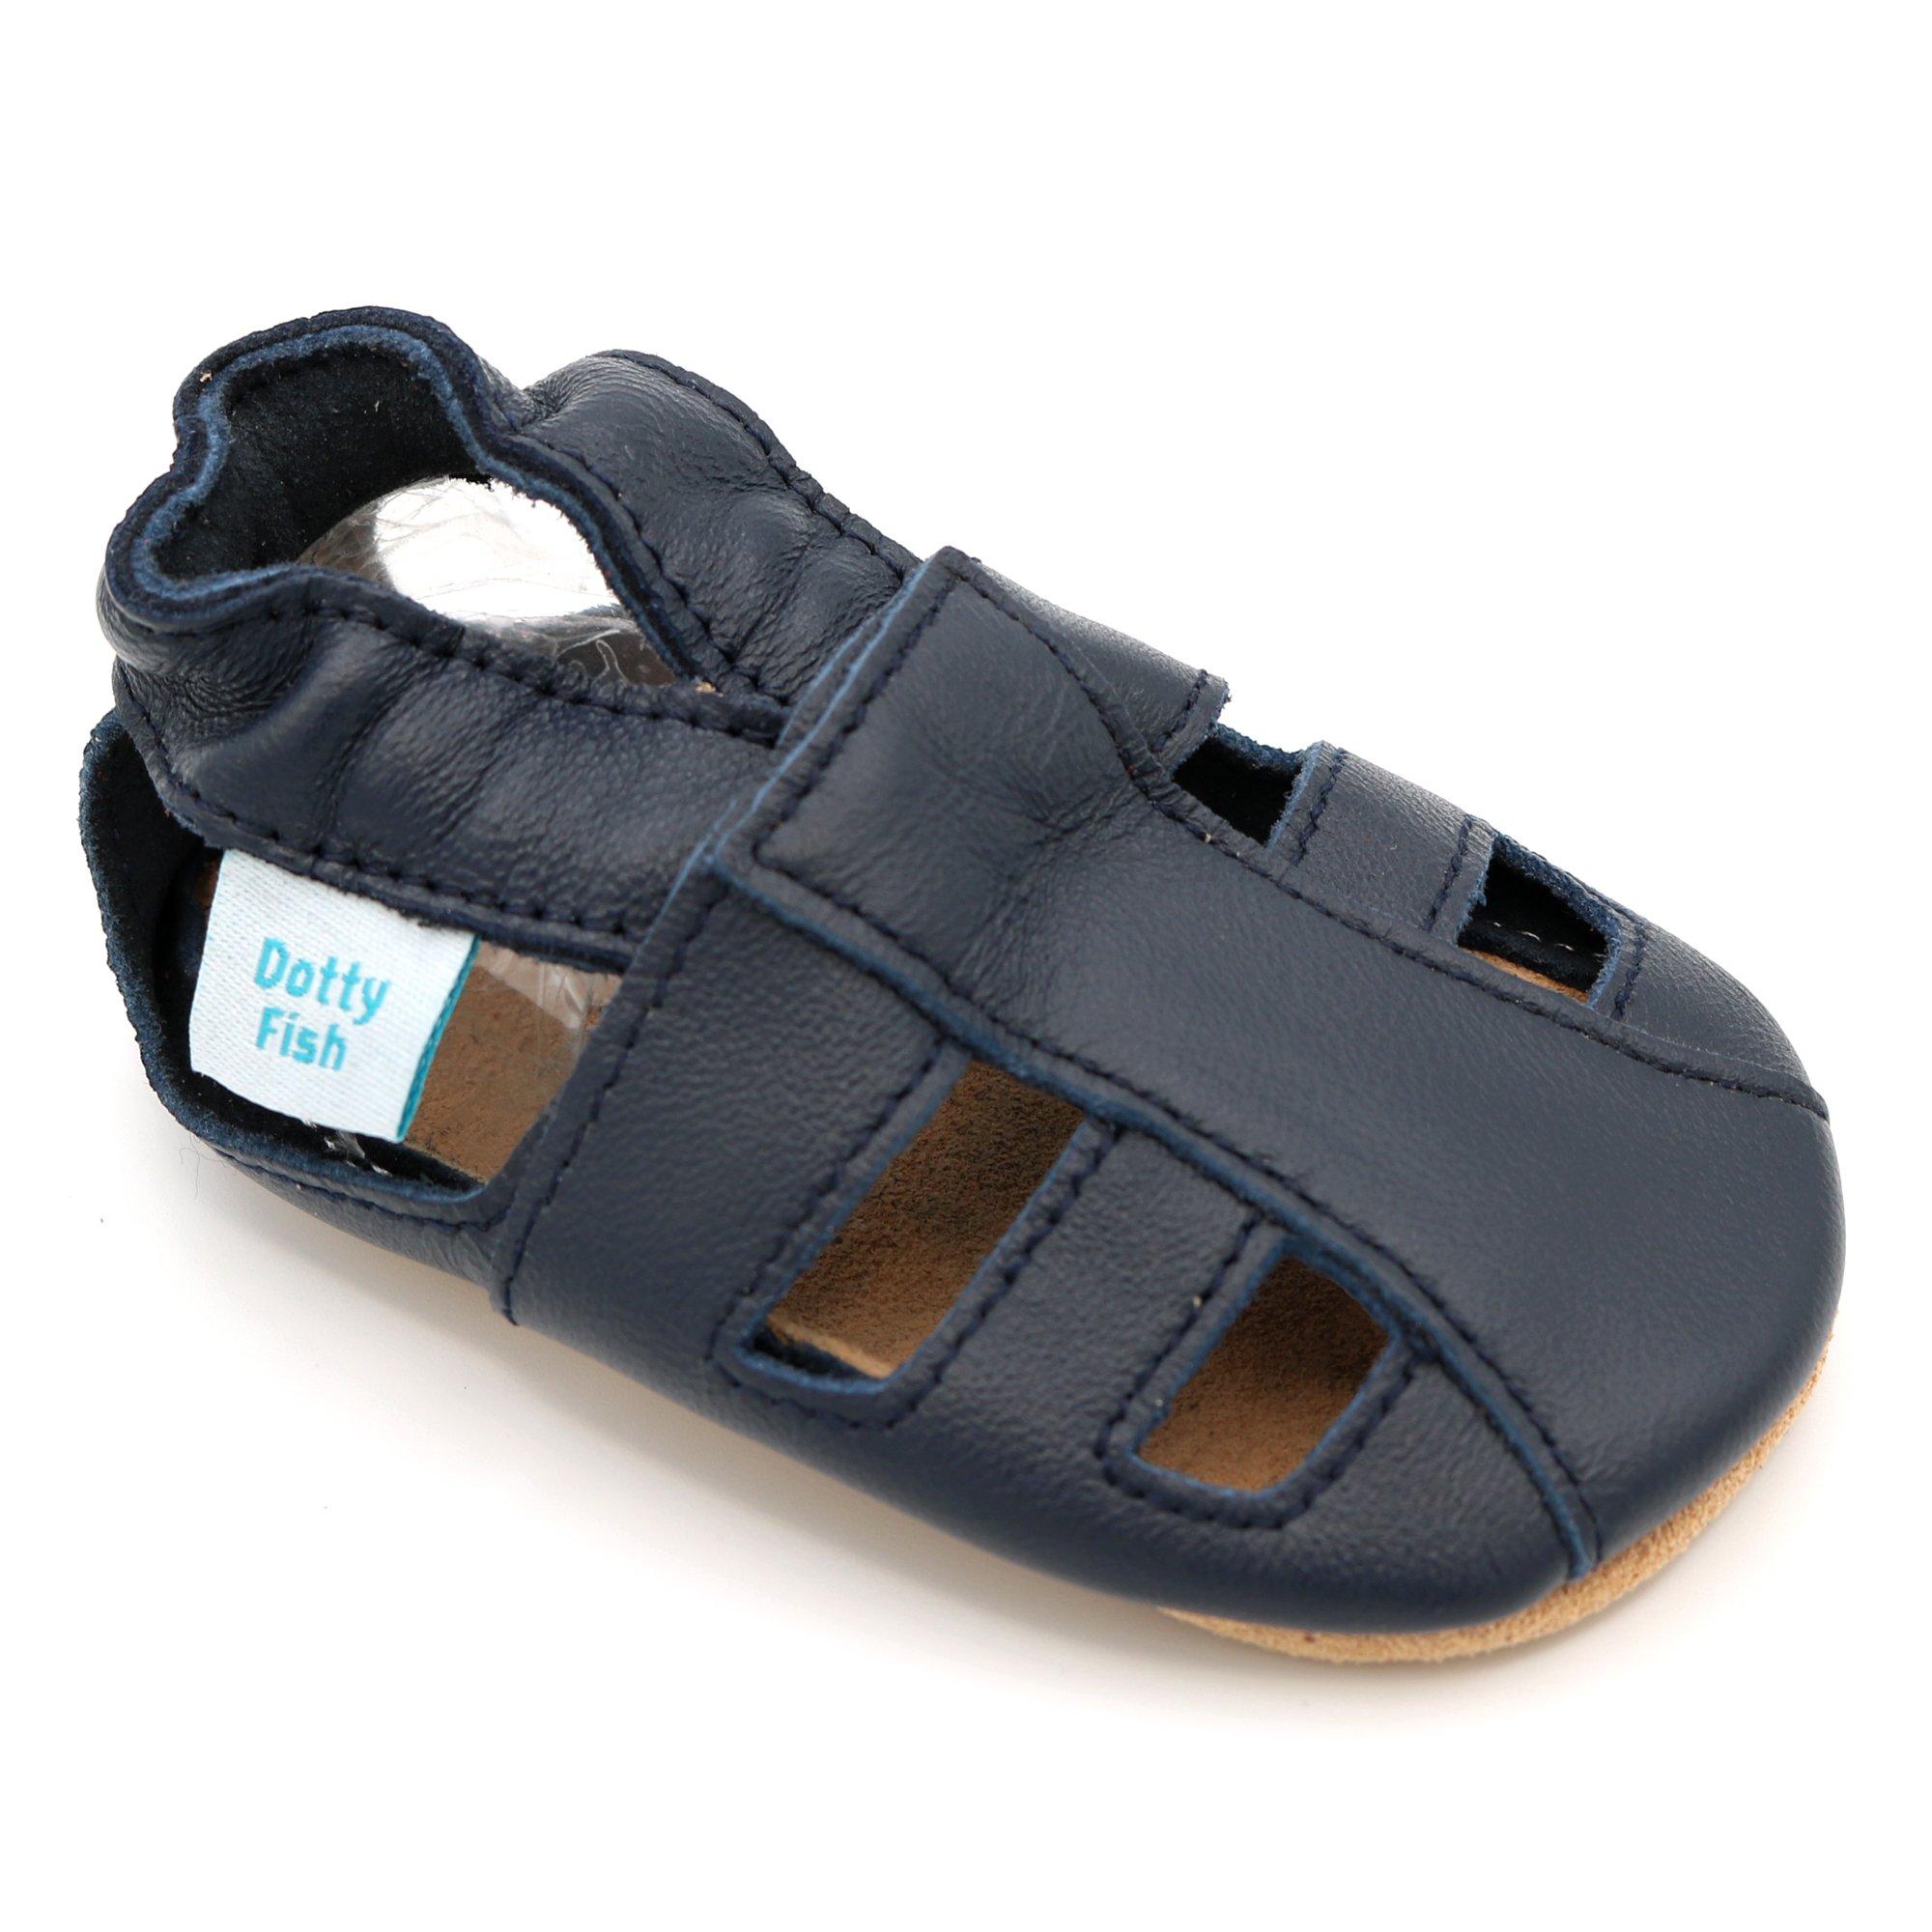 4894be7a34cfd Dotty Fish Chaussures Cuir Souple bébé. Garçons et Filles Sandales. 0-6 Mois